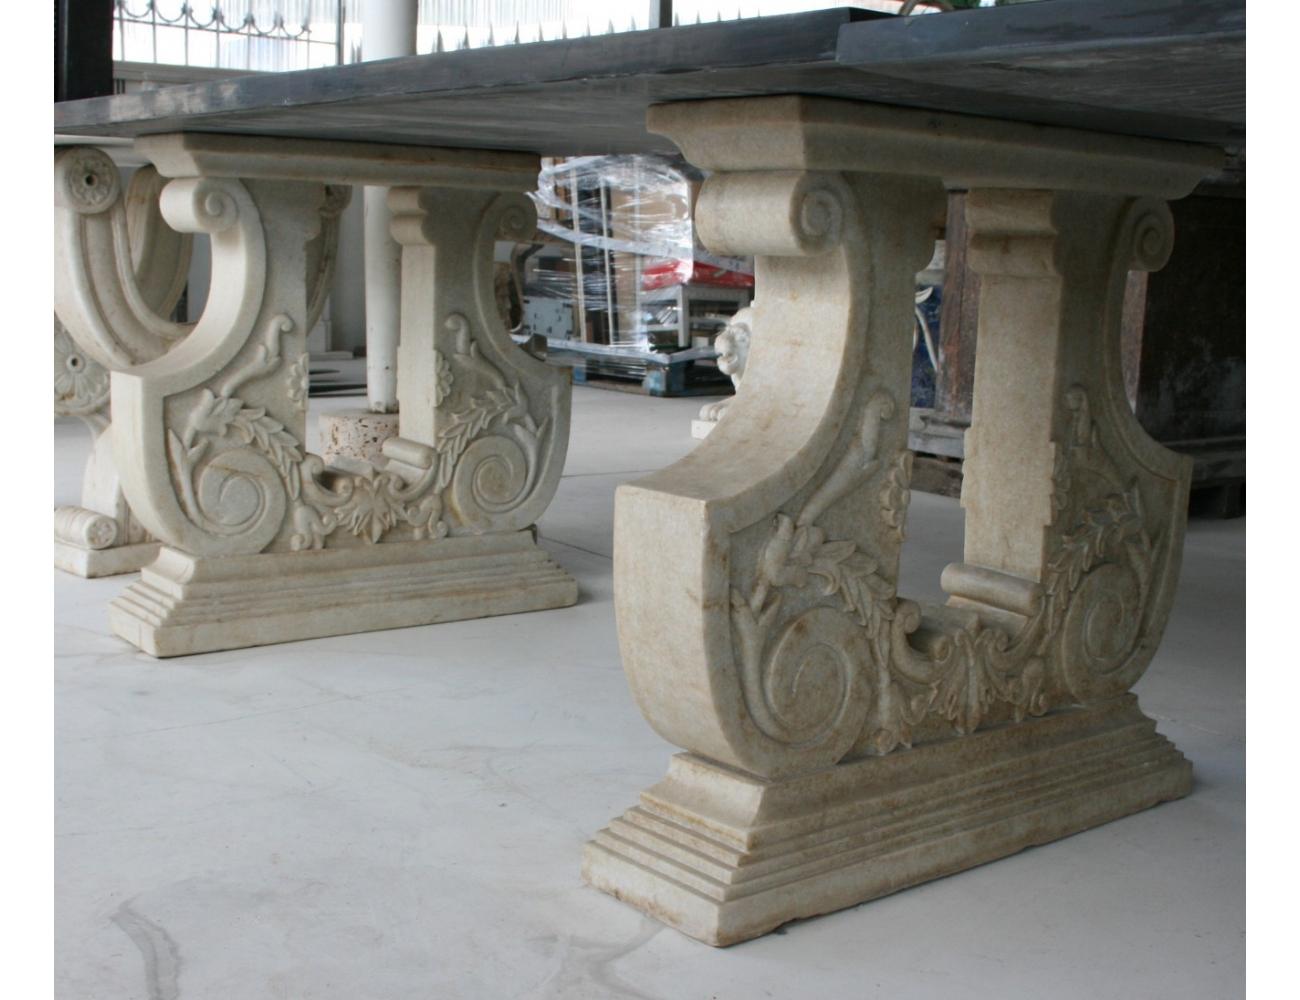 Pies de mesas en piedra natural - Mesas de piedra ...